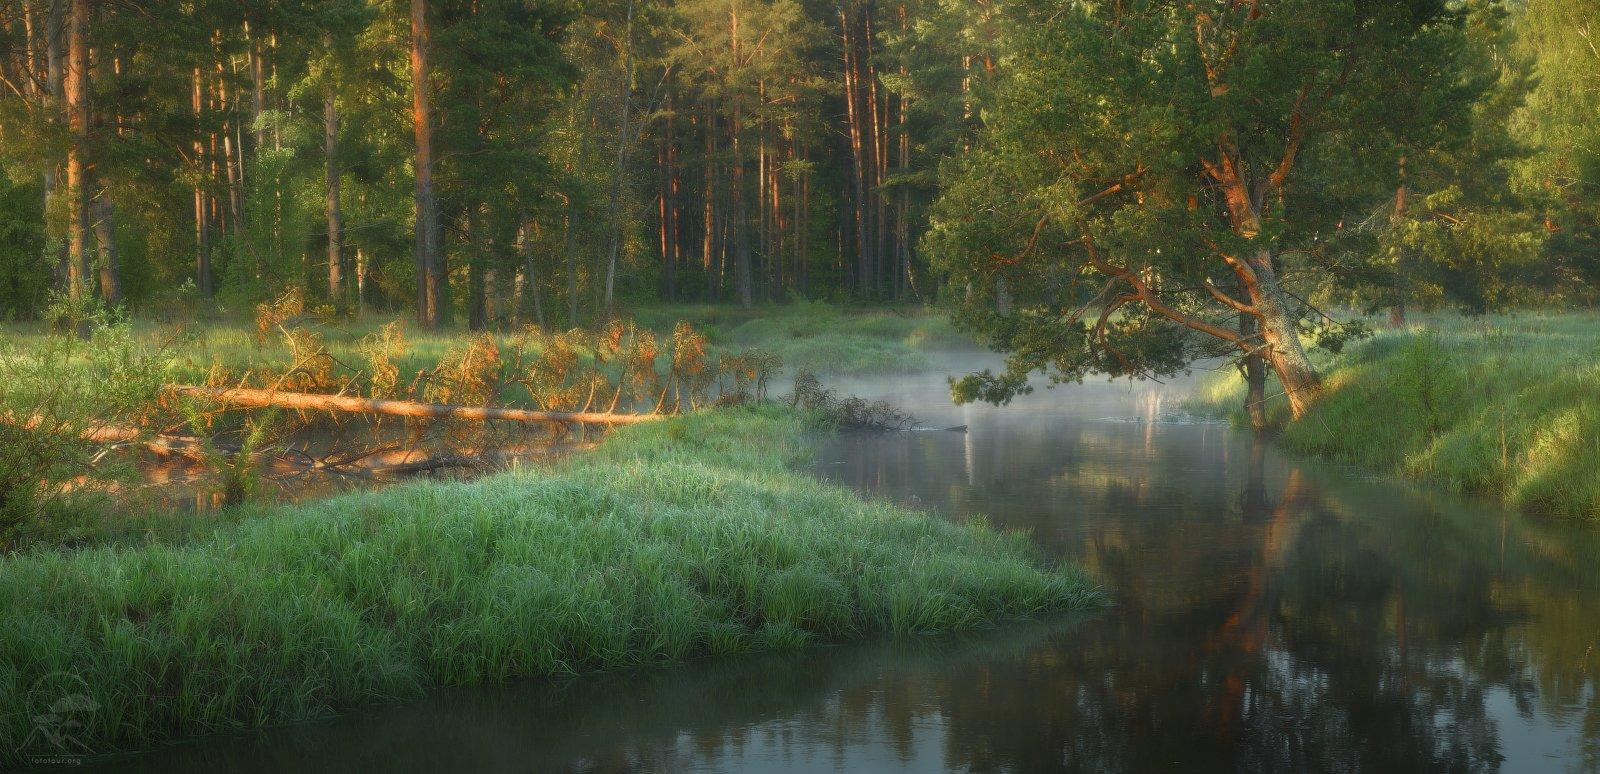 утро, река, туман, сосны, Гордиенко Анатолий